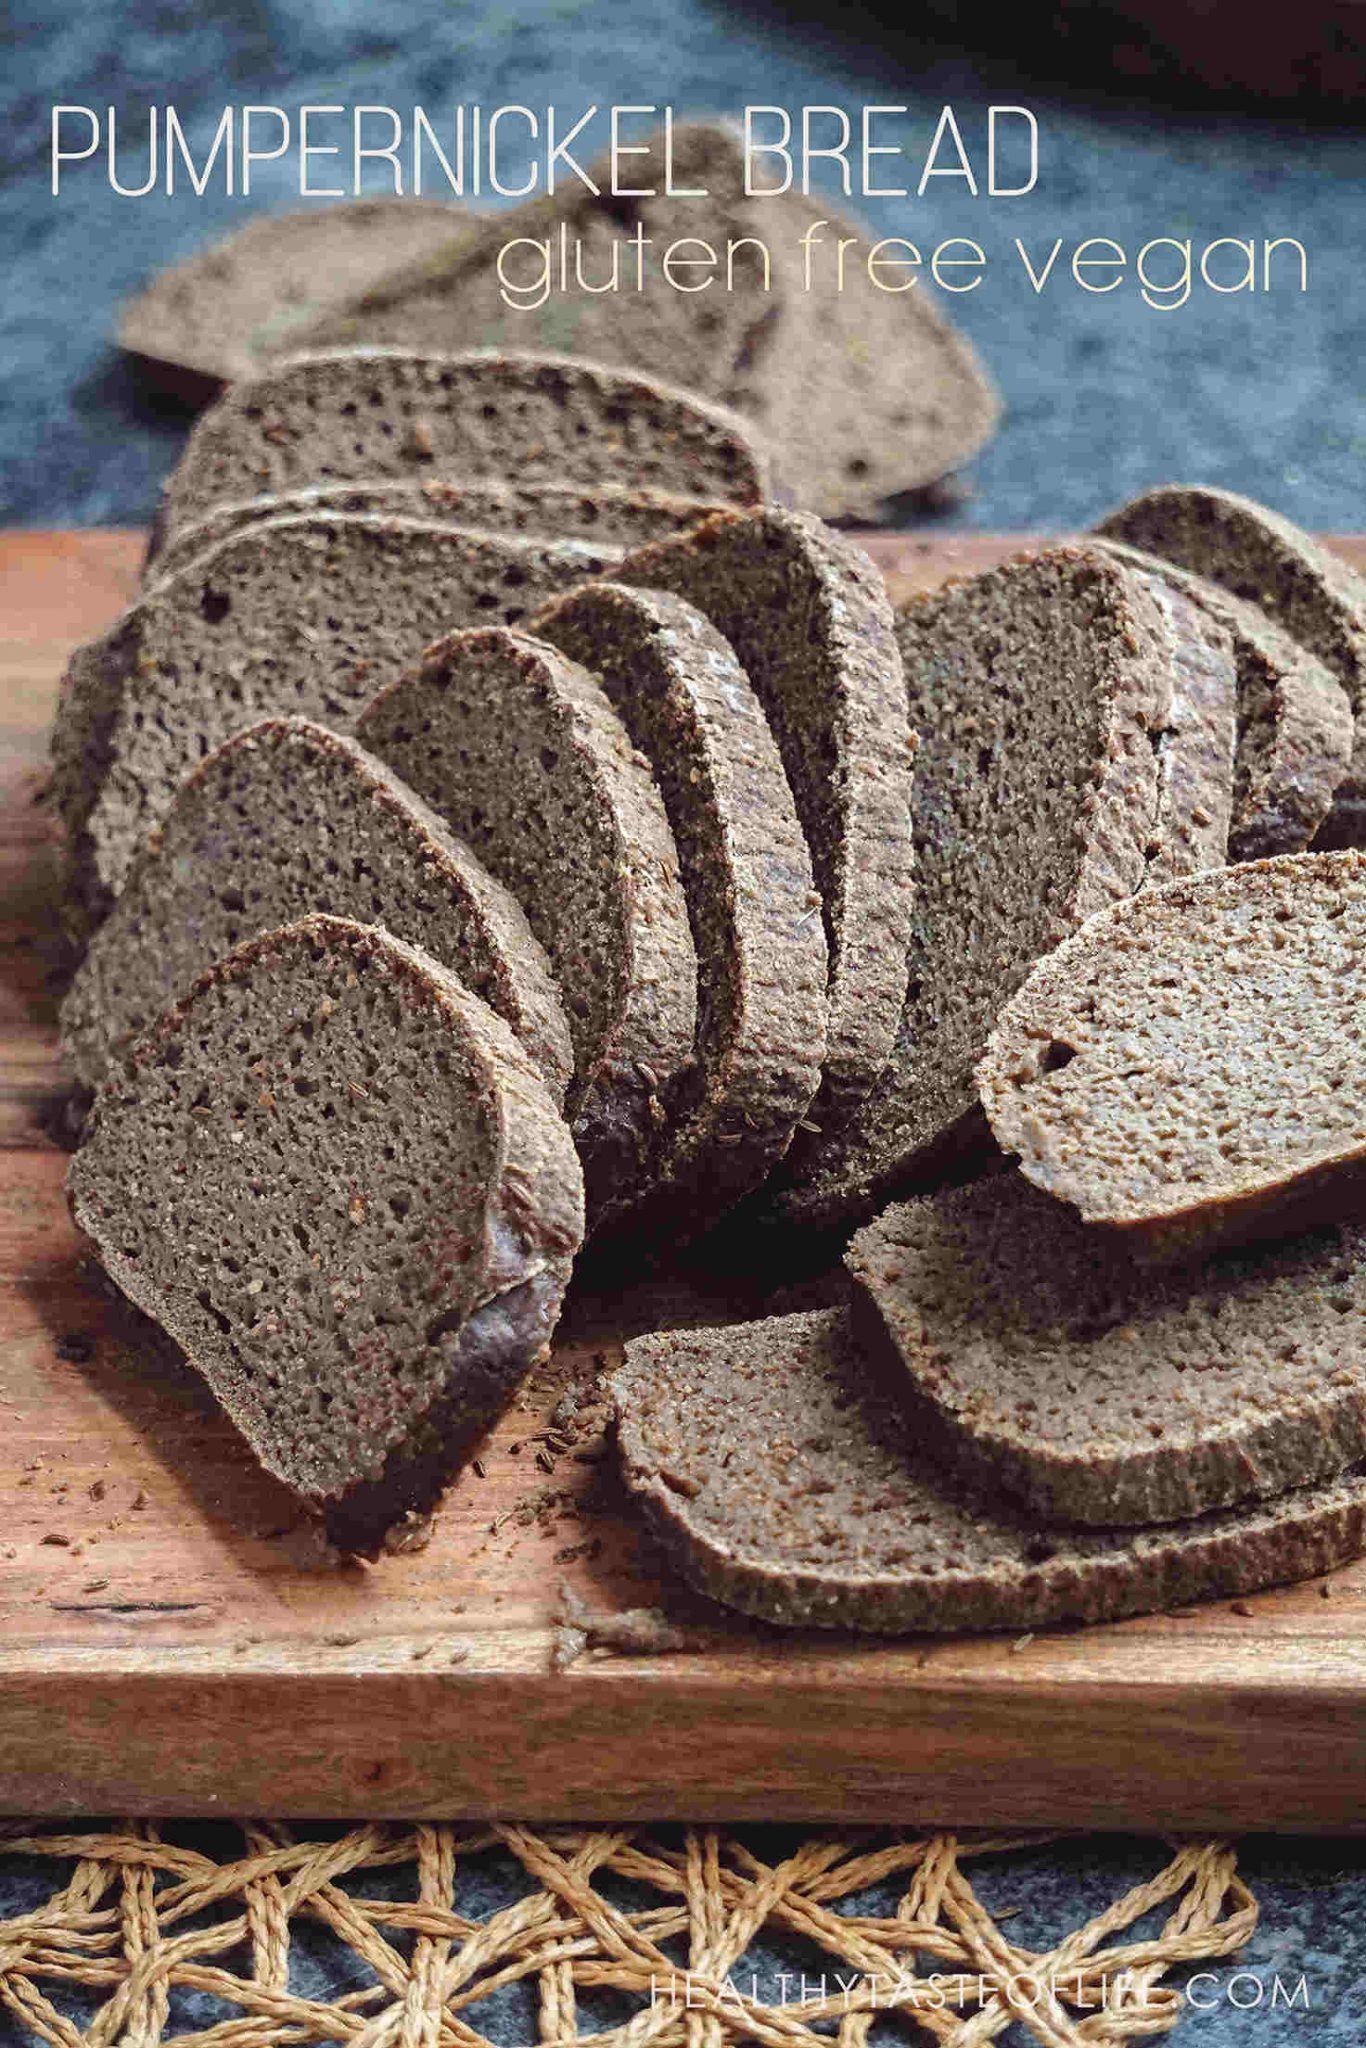 Gluten Free Sourdough Pumpernickel Bread Pumpernickel Bread Recipe Sourdough Pumpernickel Bread Recipe Gluten Free Sourdough